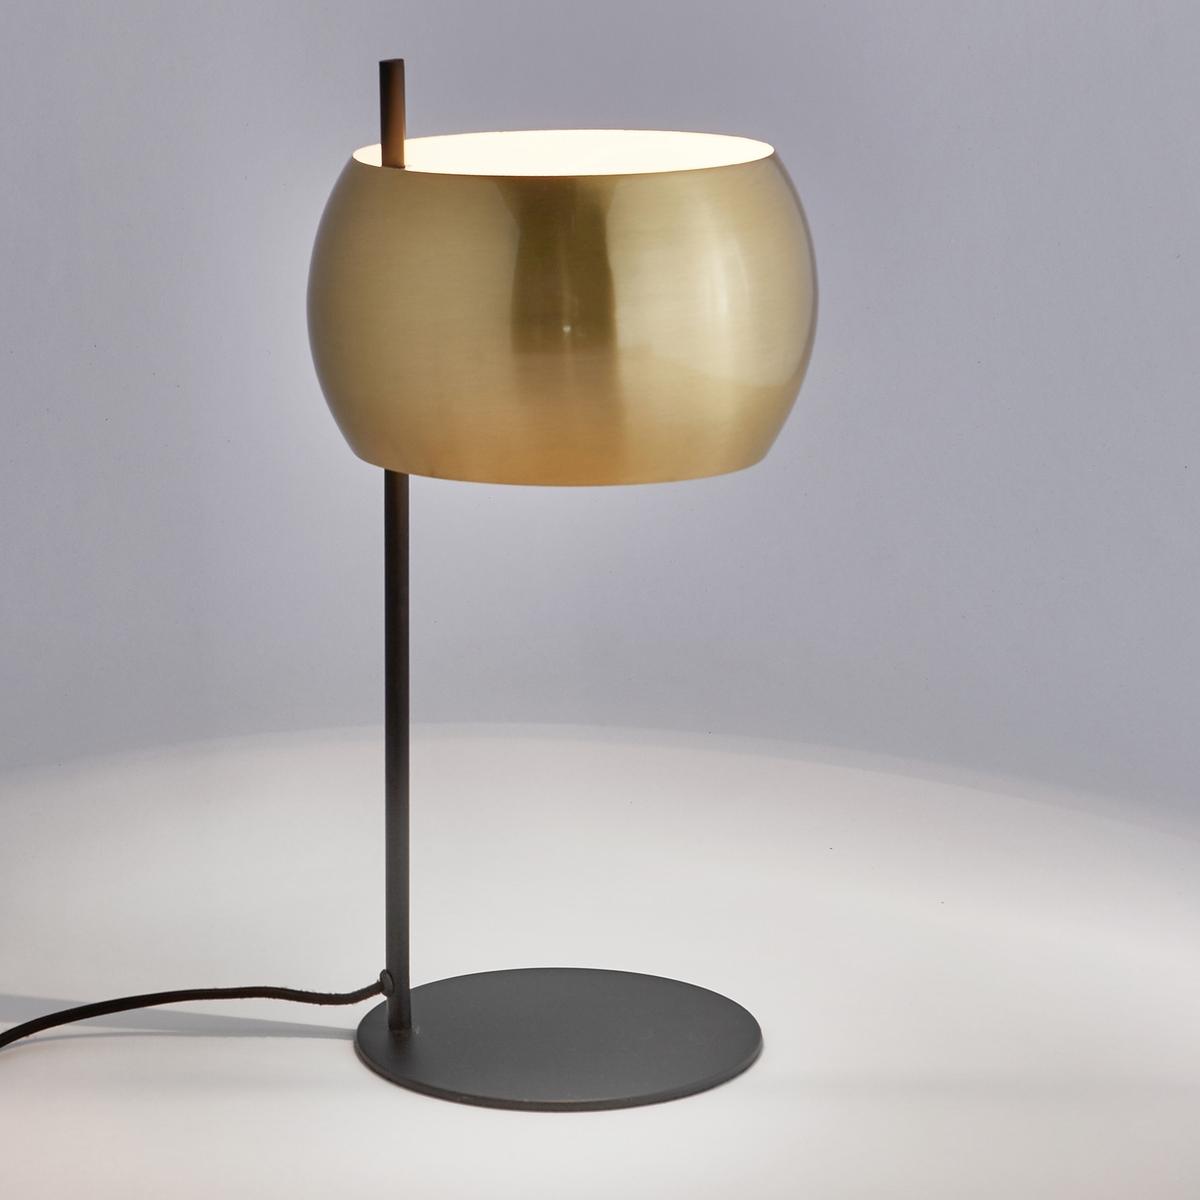 Лампа настольная из металла черного цвета и латуни, EloriНастольная лампа из металла Elori. Благодаря строгой форме и отделкой латунью лампа подходит для любой комнаты и придаст модных ноток вашему декору.Описание настольной лампы из металла Elori :Патрон G9 для лампы макс. 25 Вт продается отдельно).Светильник совместим с лампами класса энергопотребления : Х. Характеристики настольной лампы из металла Elori :Ножка и основание из металла с покрытием эпоксидной краской.Абажур из металла с покрытием латунью.Другие модели коллекции Elori вы можете найти на сайте laredoute.ruРазмеры настольной лампы из металла Elori :Высота 42 см, длина 23 см, глубина 23 см.Абажур : ?25 x В.13 см. Размер и вес посылки : 1 посылкаШ.29 x Г.29 x В.50 см.1,6 кг.<br><br>Цвет: черный/латунь